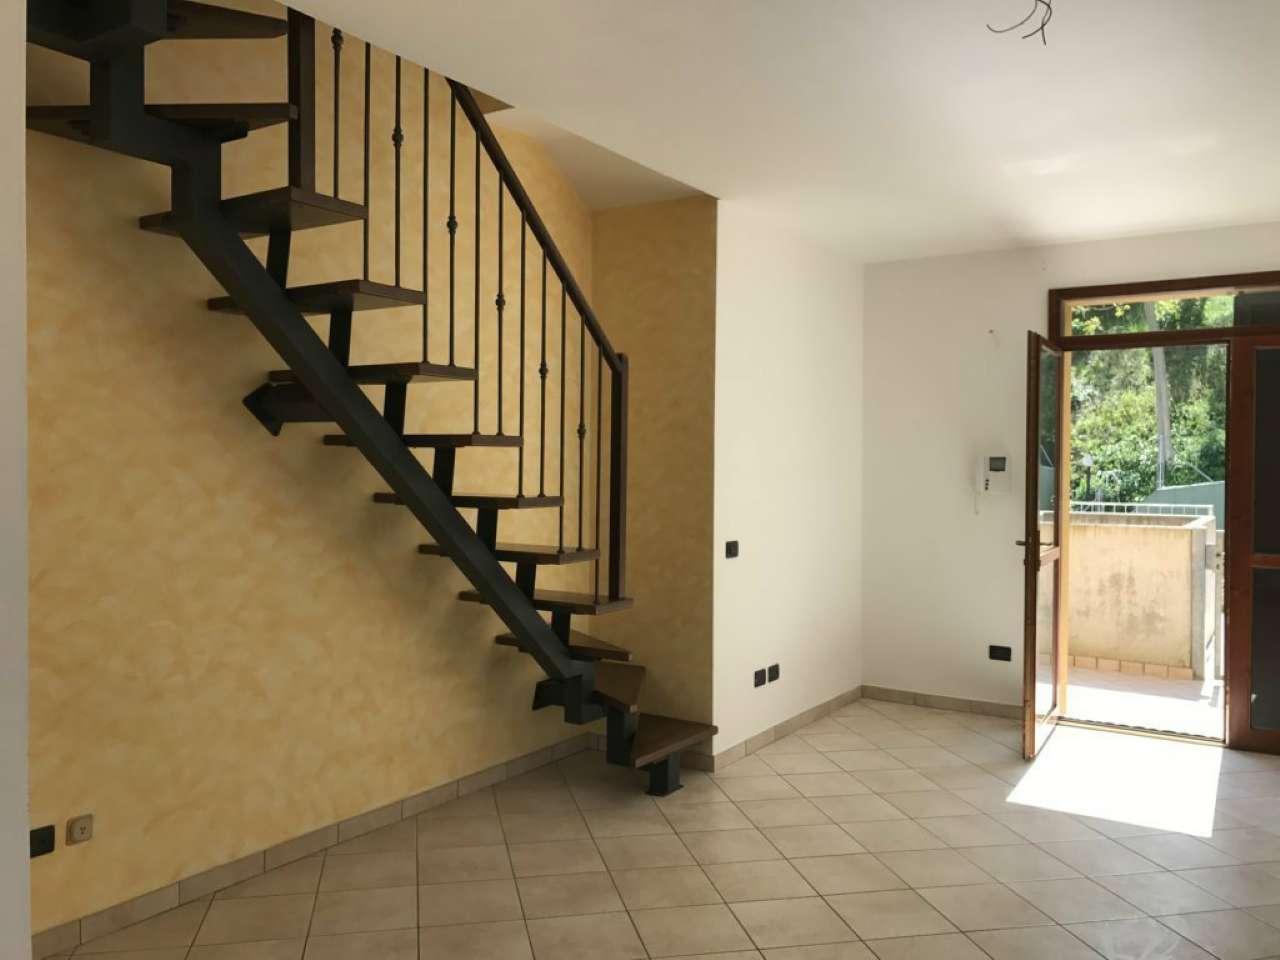 Appartamento in vendita a Cesena, 5 locali, prezzo € 82.000 | CambioCasa.it